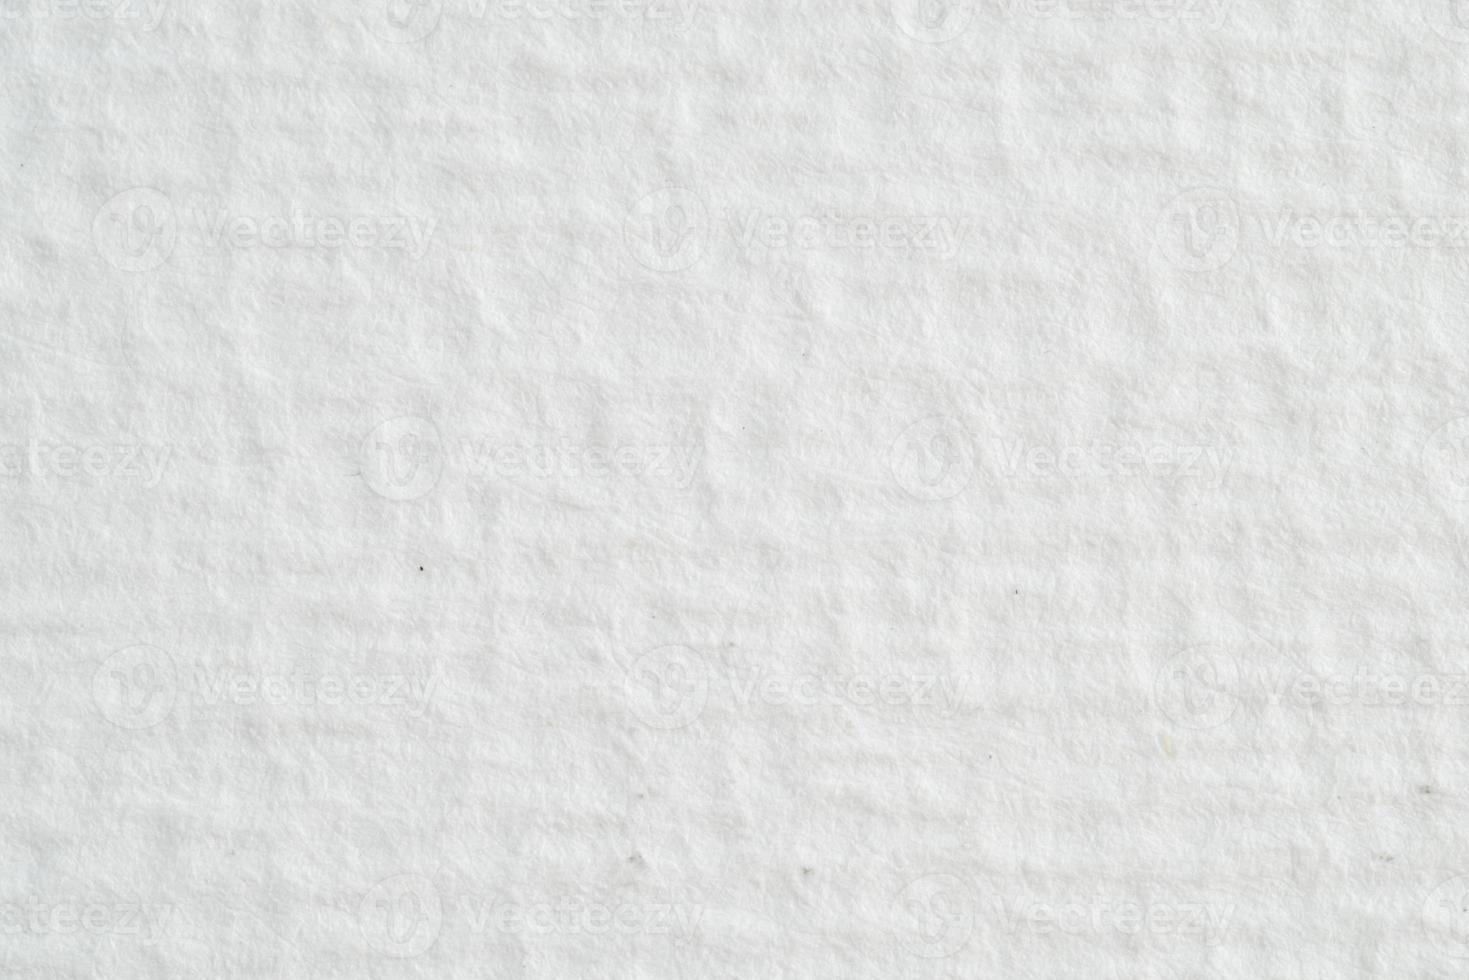 papier froissé texturé photo